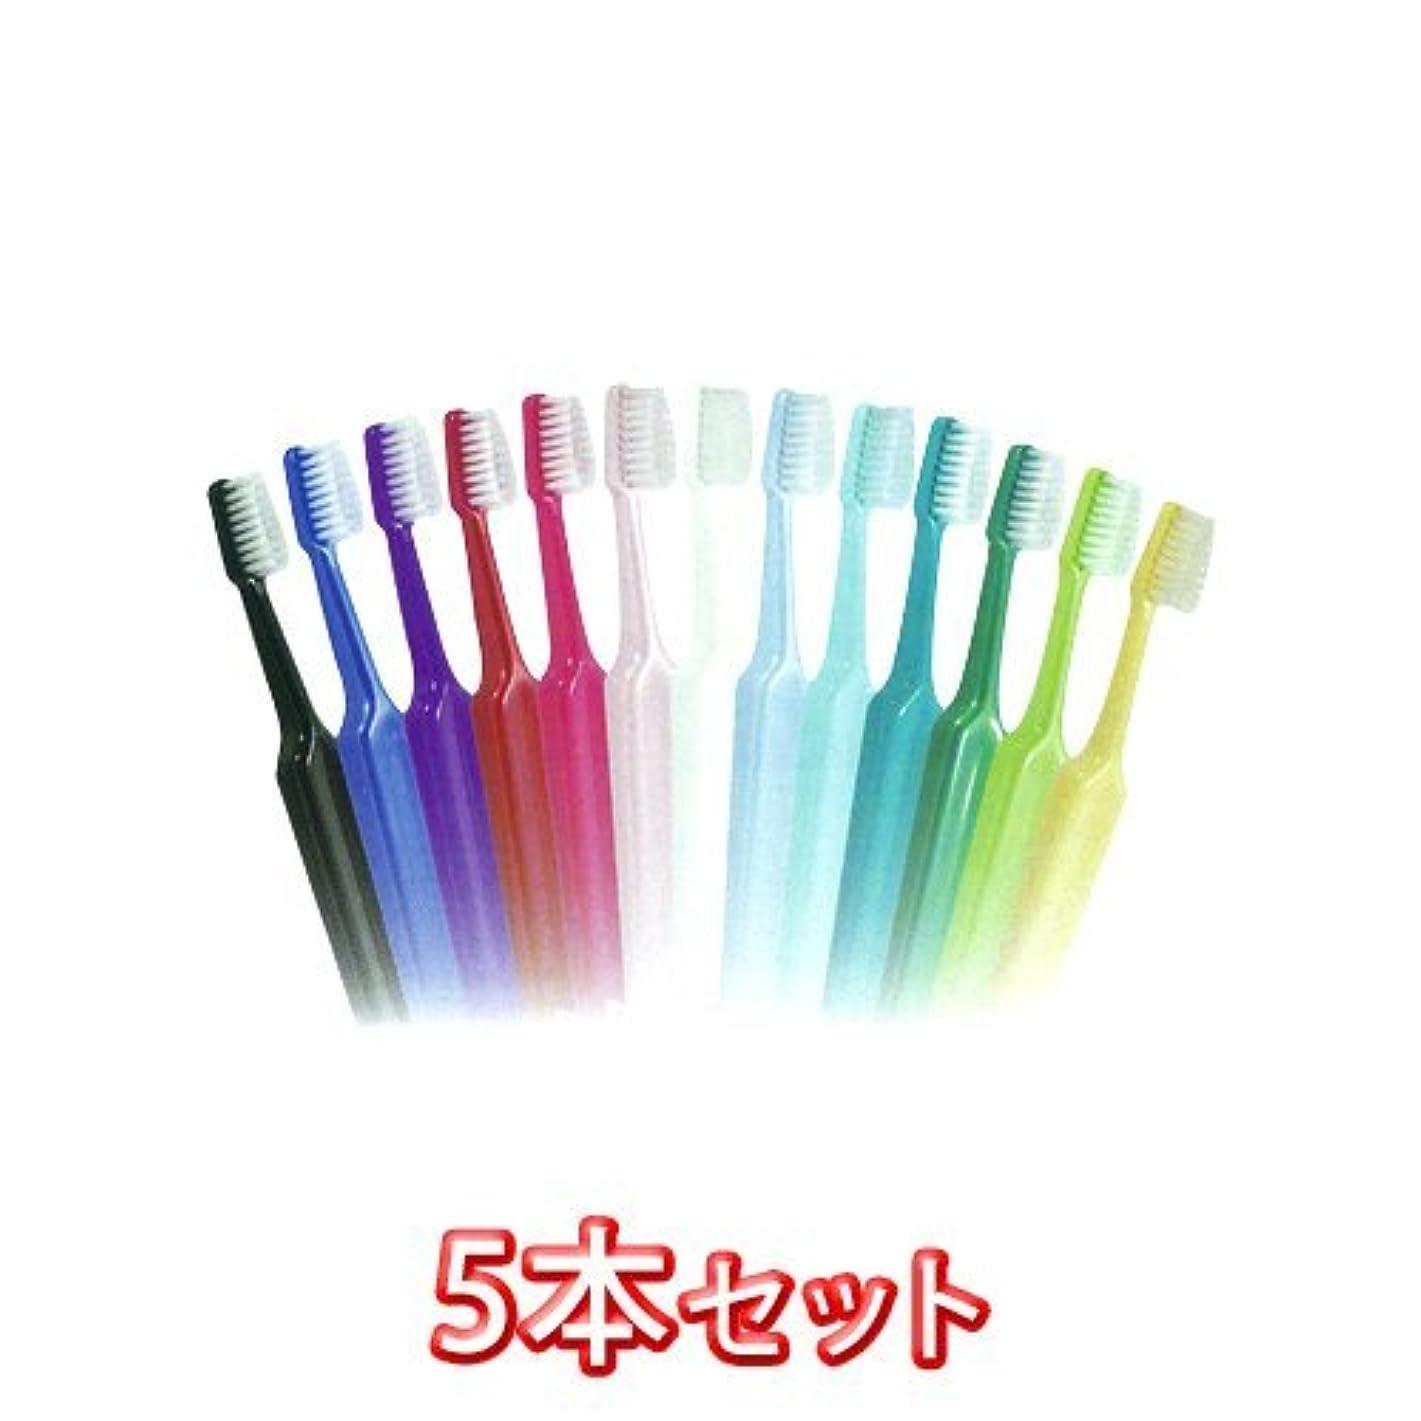 歴史的アジア人形成クロスフィールド TePe テペセレクトコンパクト 歯ブラシ × 5本入 コンパクトソフト